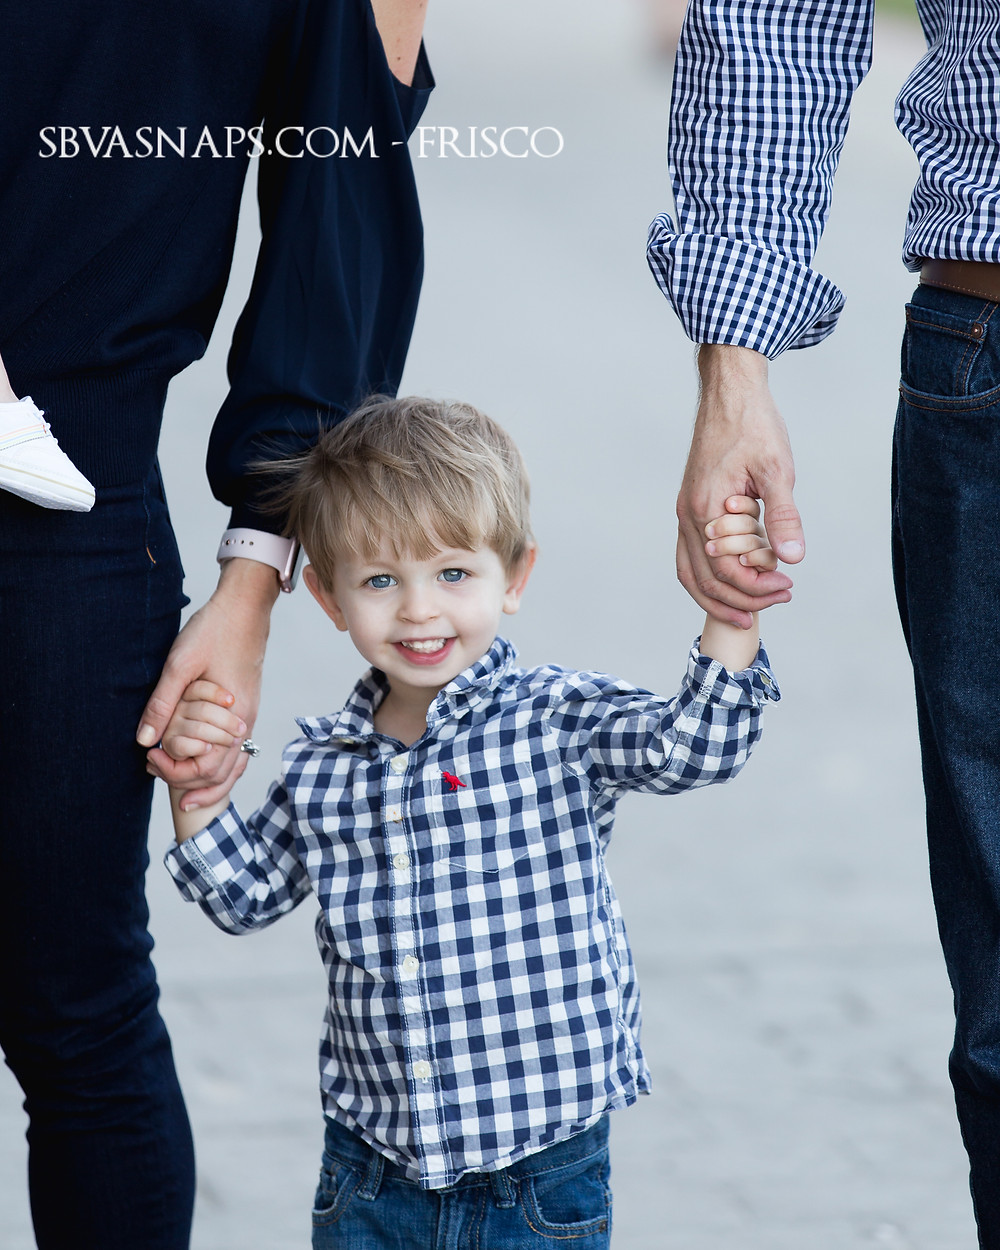 Frisco Family photographer - adriatica